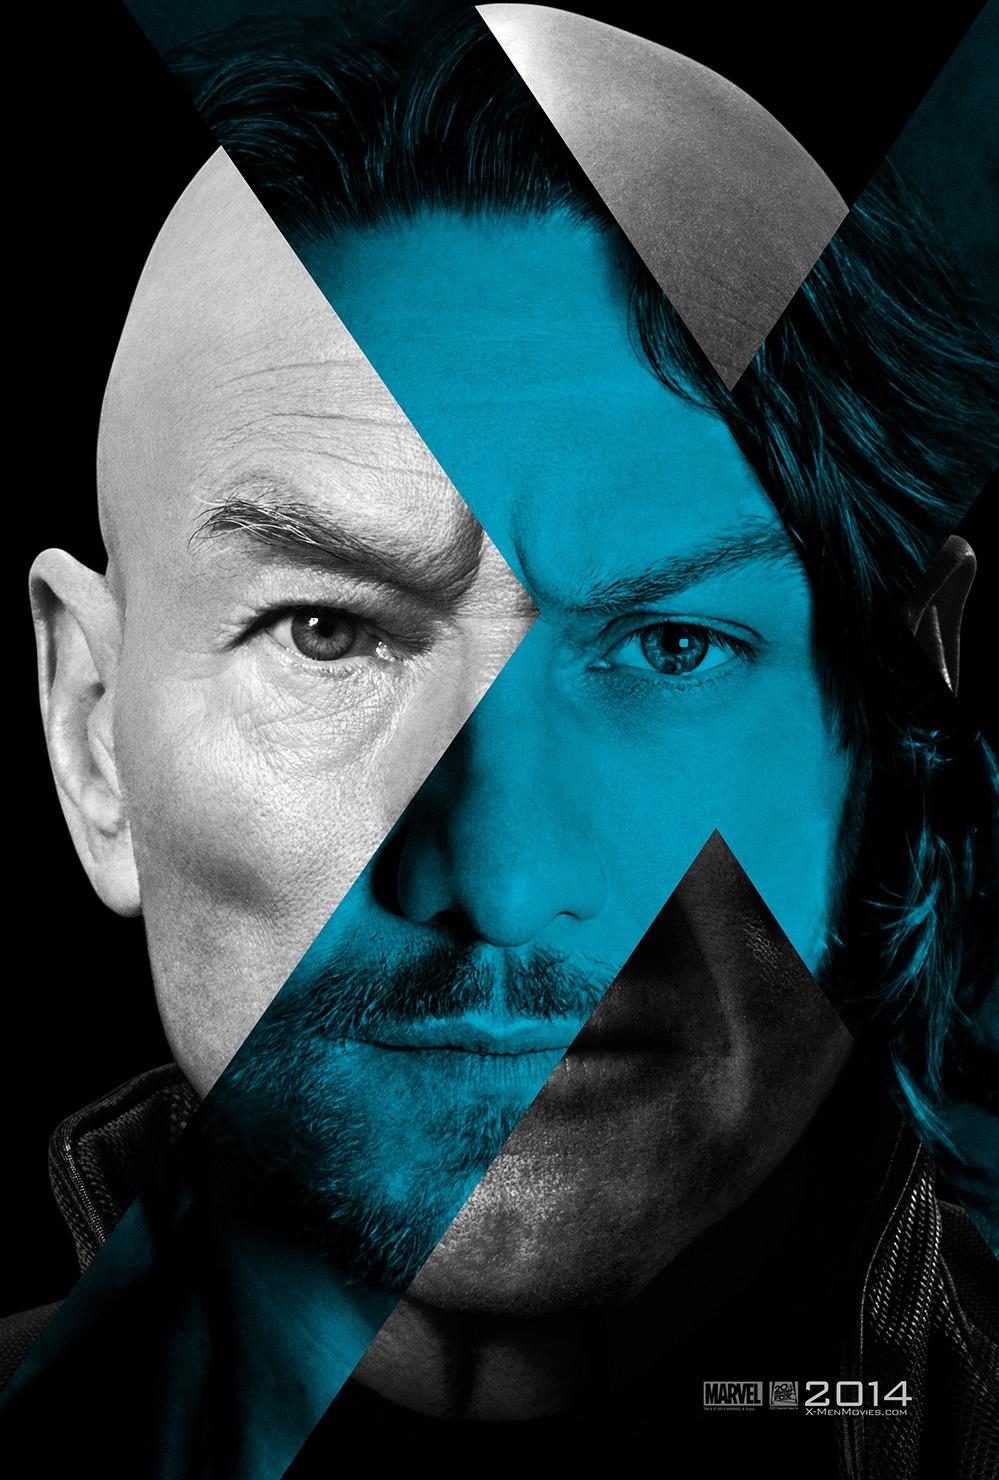 X-Men:-Days-of-Future-Past-Professor-X